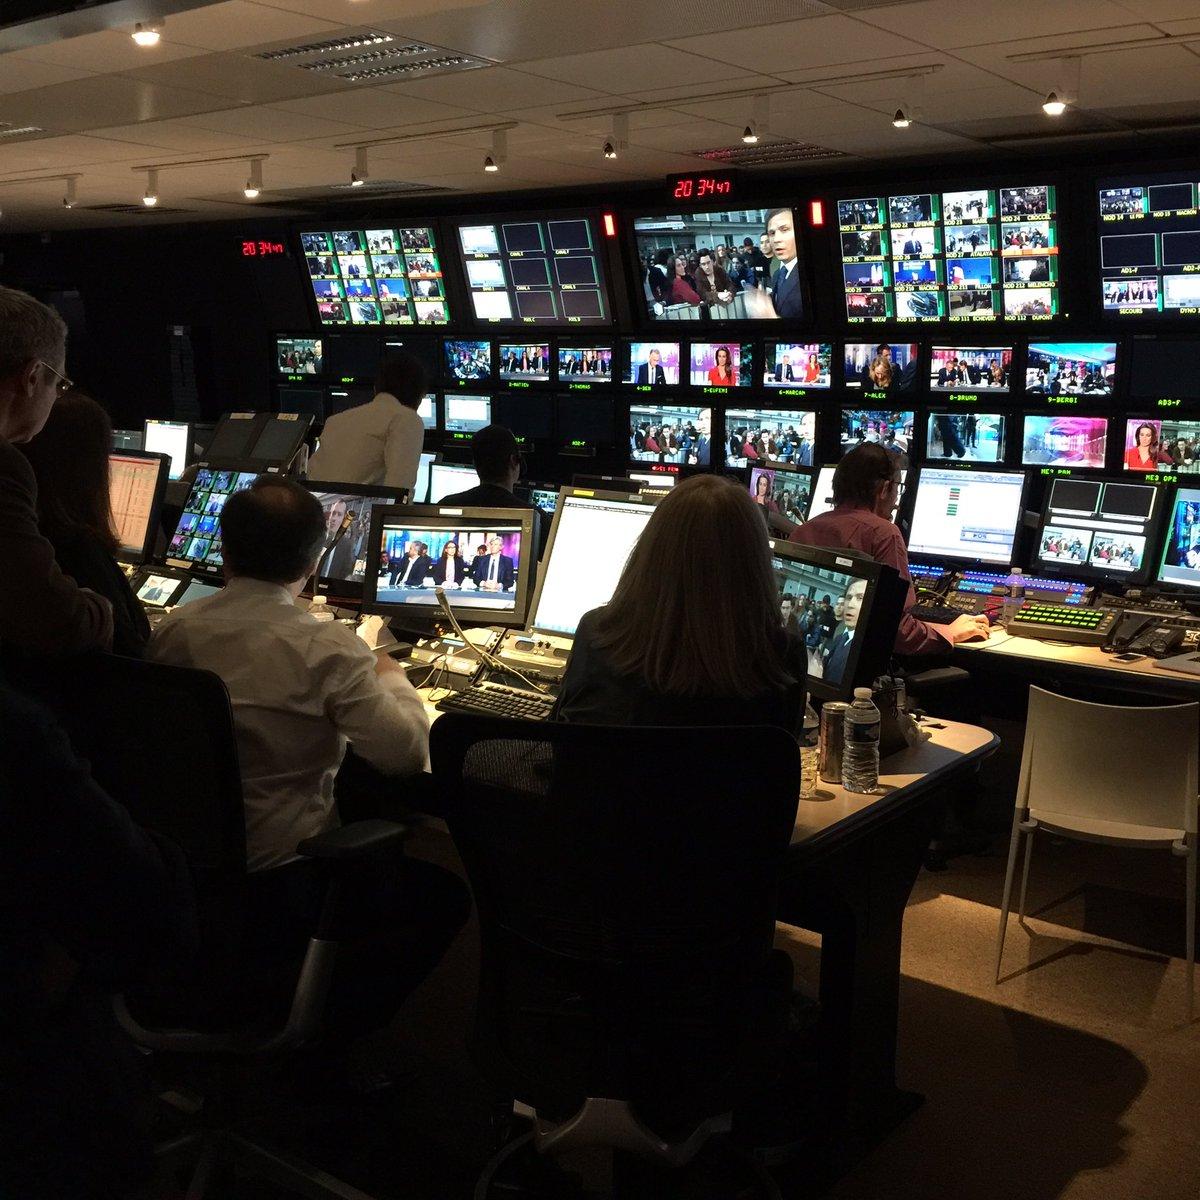 Soirée électorale de @TF1 : En direct de la régie. Catherine Nayl veille au grain. L'Etat major de la chaîne n'est pas loin.